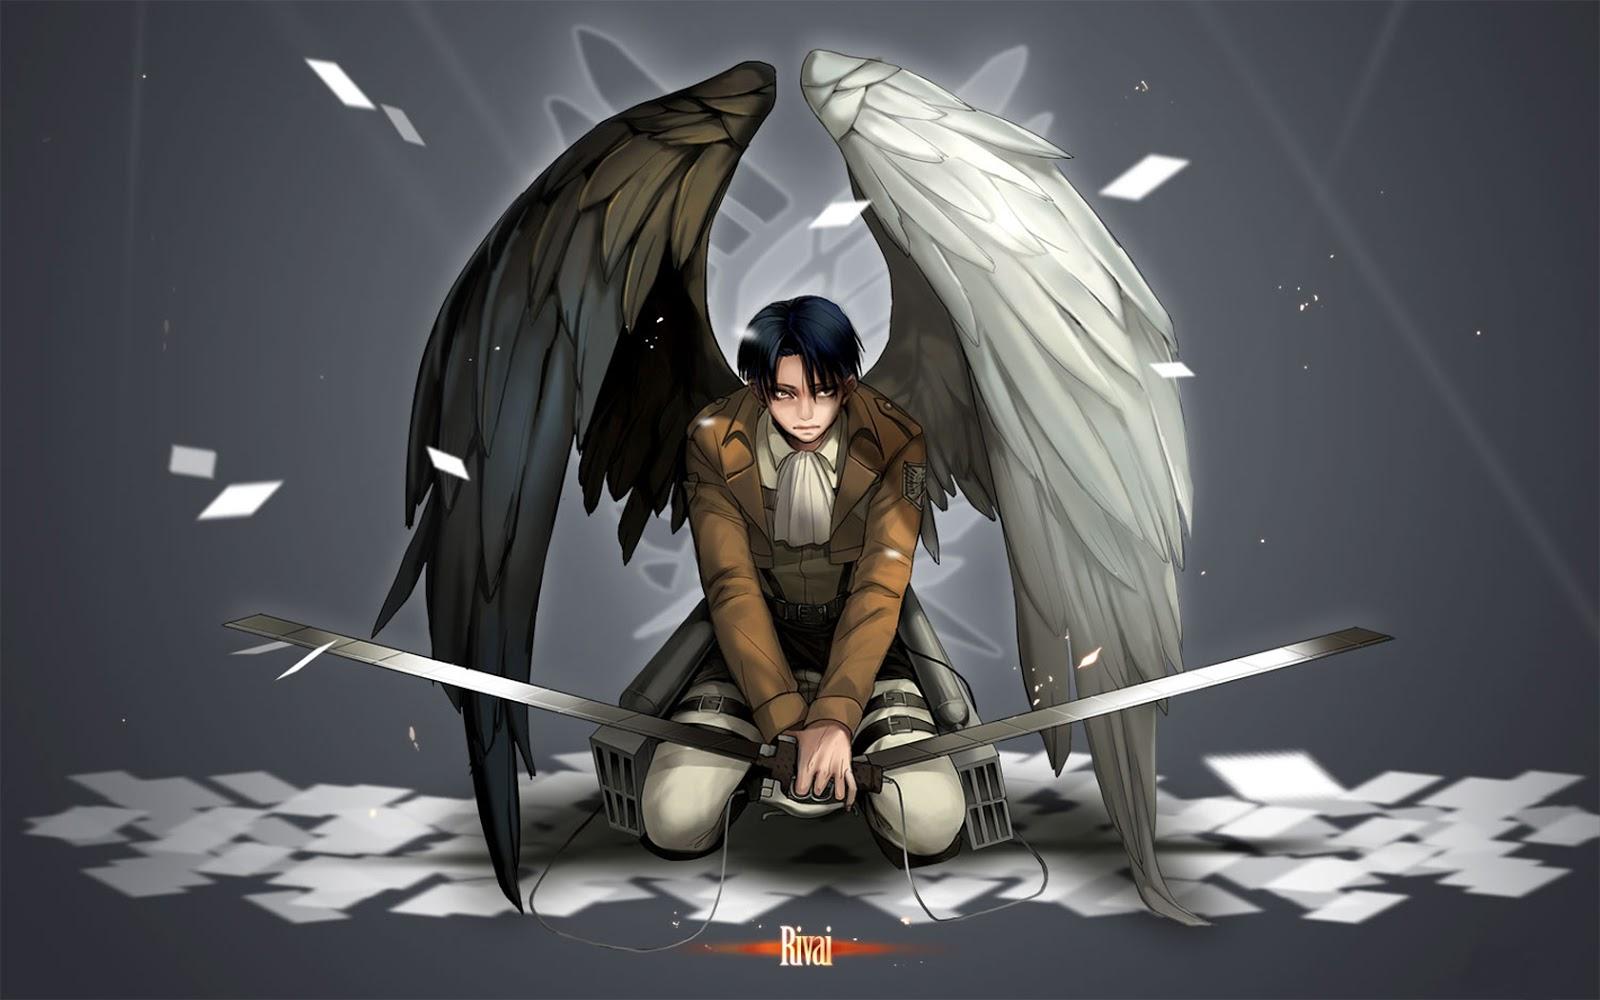 levi angel wings attack on titan wallpaper 1680x1050jpg 1600x1000